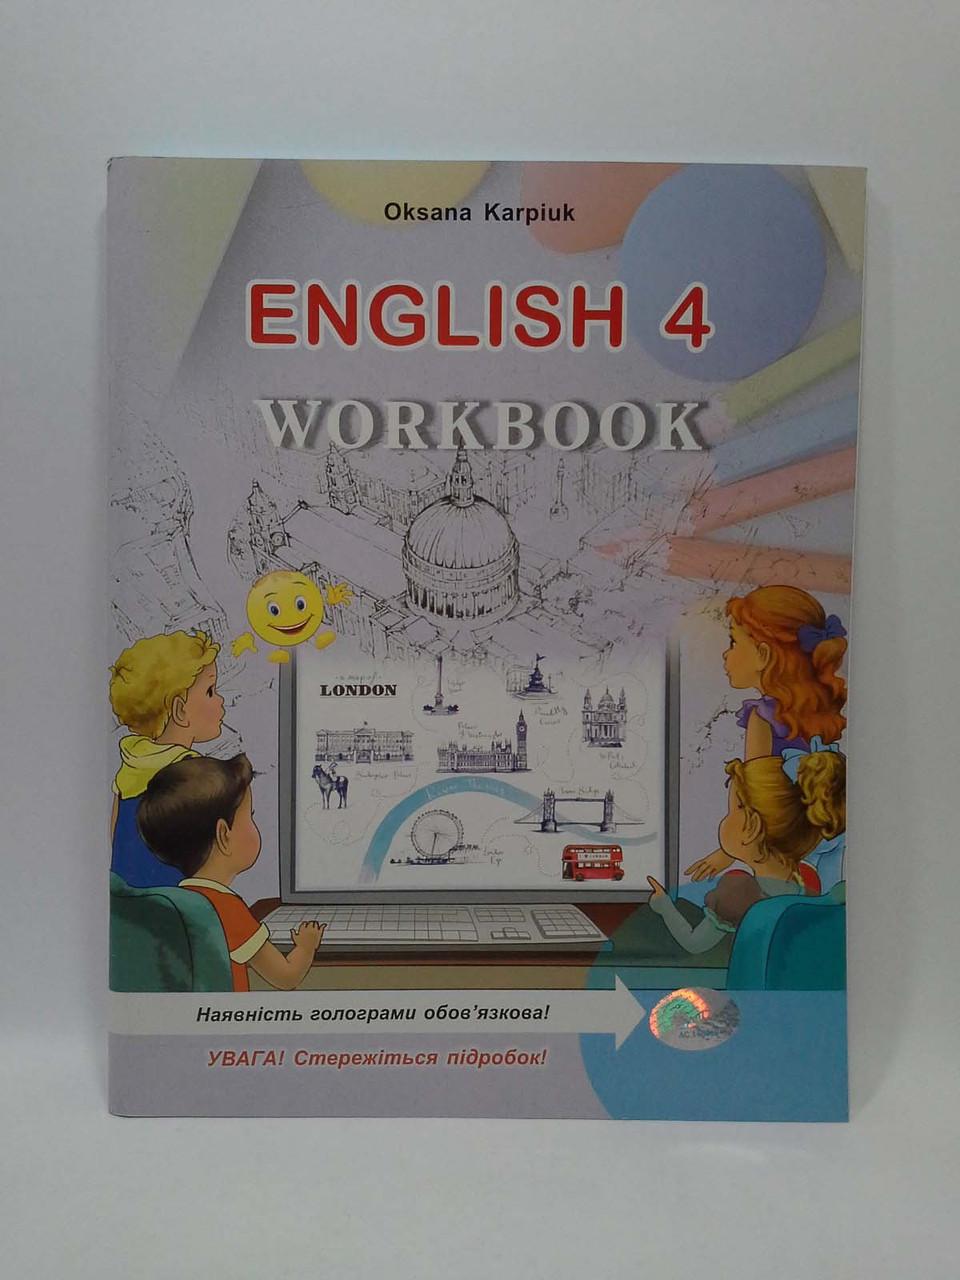 Англійська мова 4 клас. Робочий зошит. Карпюк. Лібра